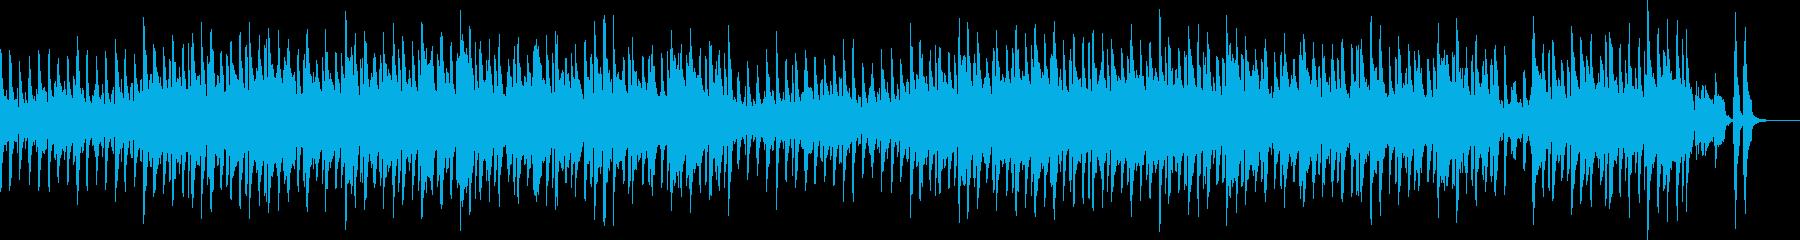 明るくかわいいリコーダーとピアノの曲の再生済みの波形